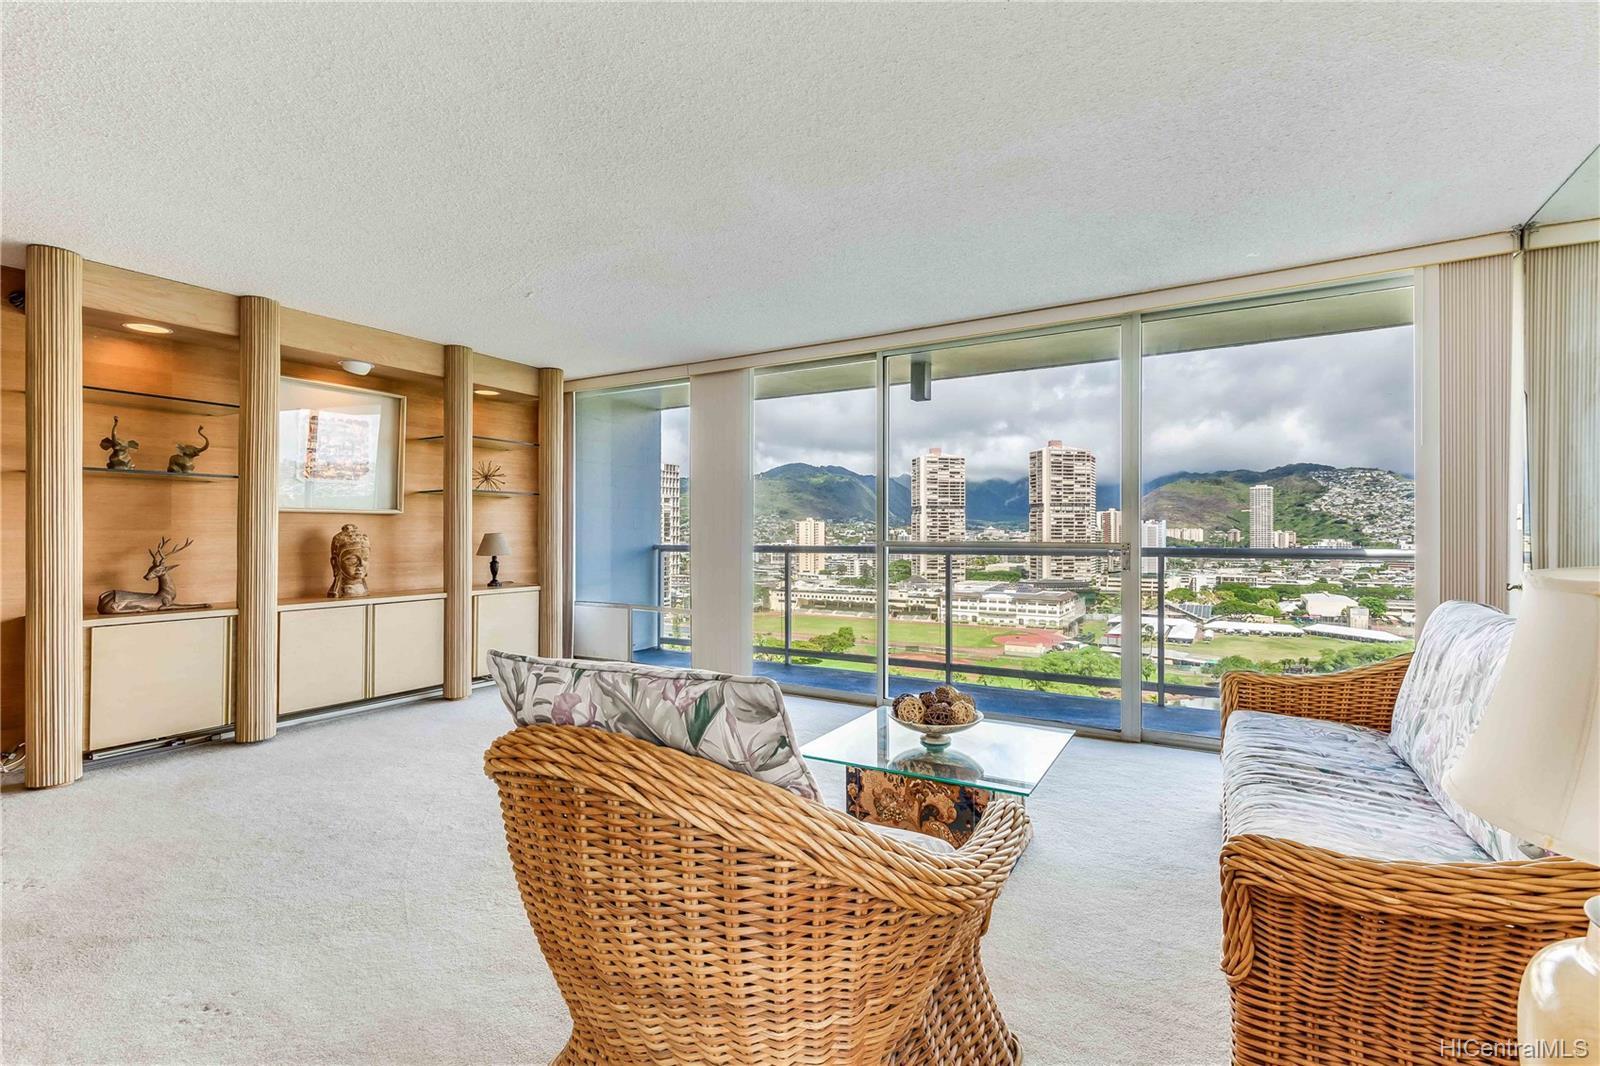 2233 Ala Wai condo # 18A, Honolulu, Hawaii - photo 3 of 20